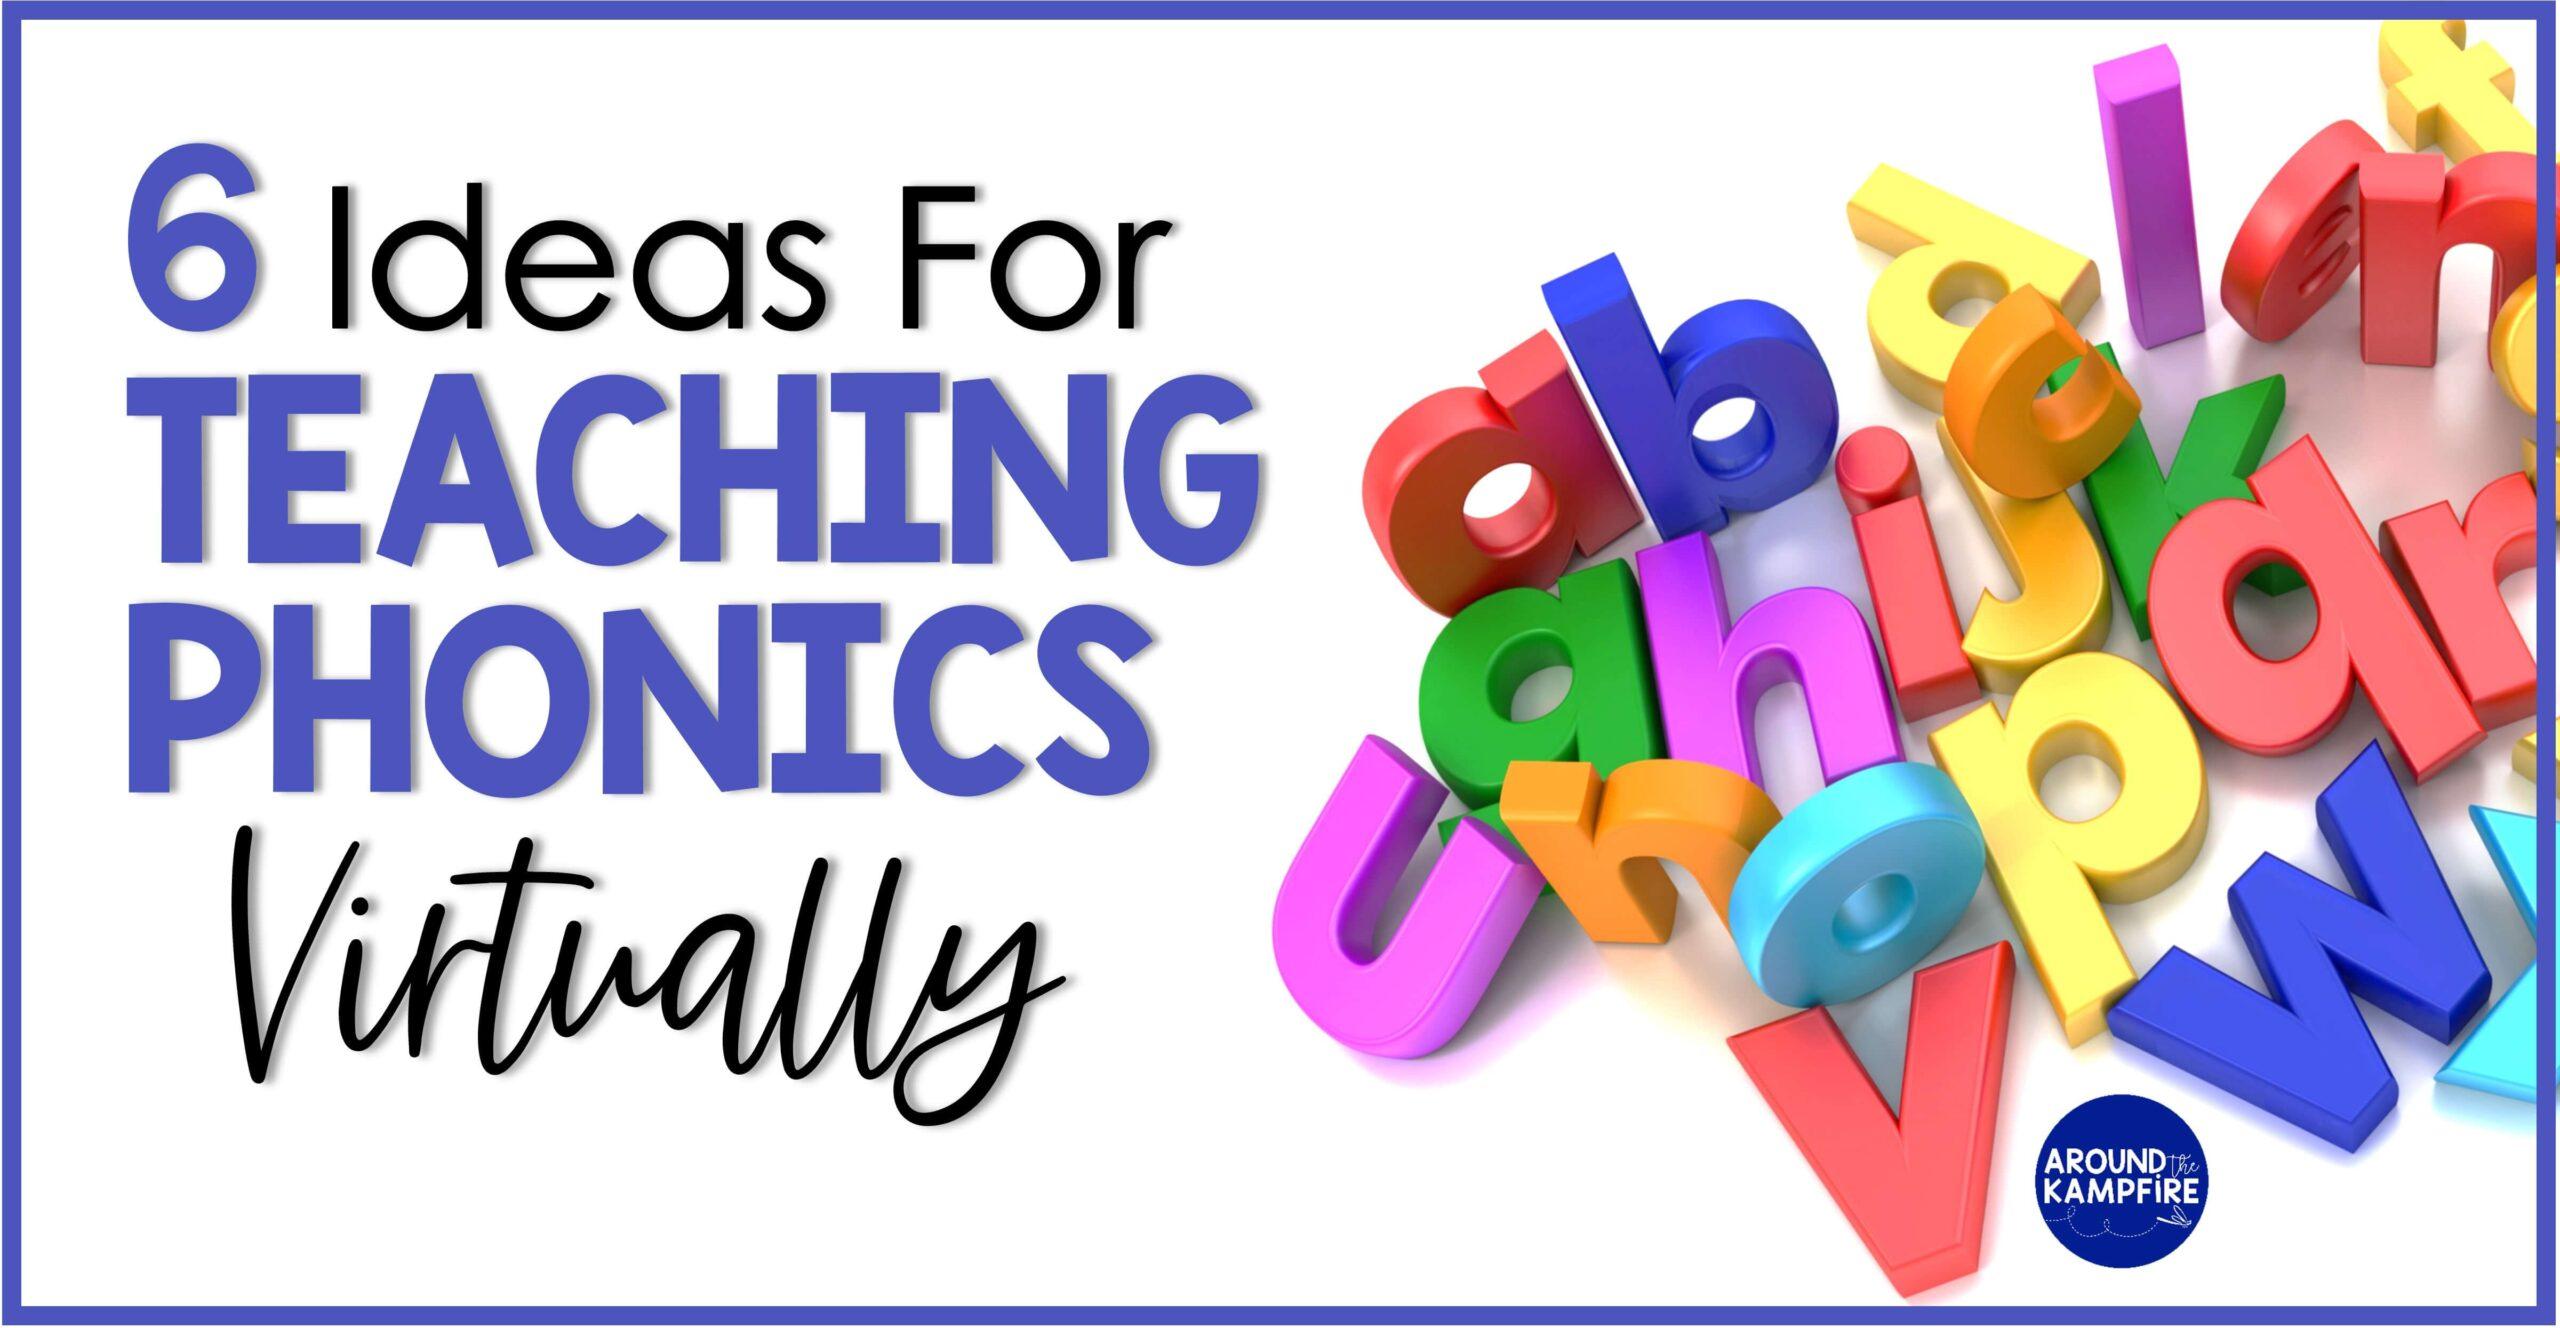 6 Ideas To Teach Phonics Virtually Around The Kampfire